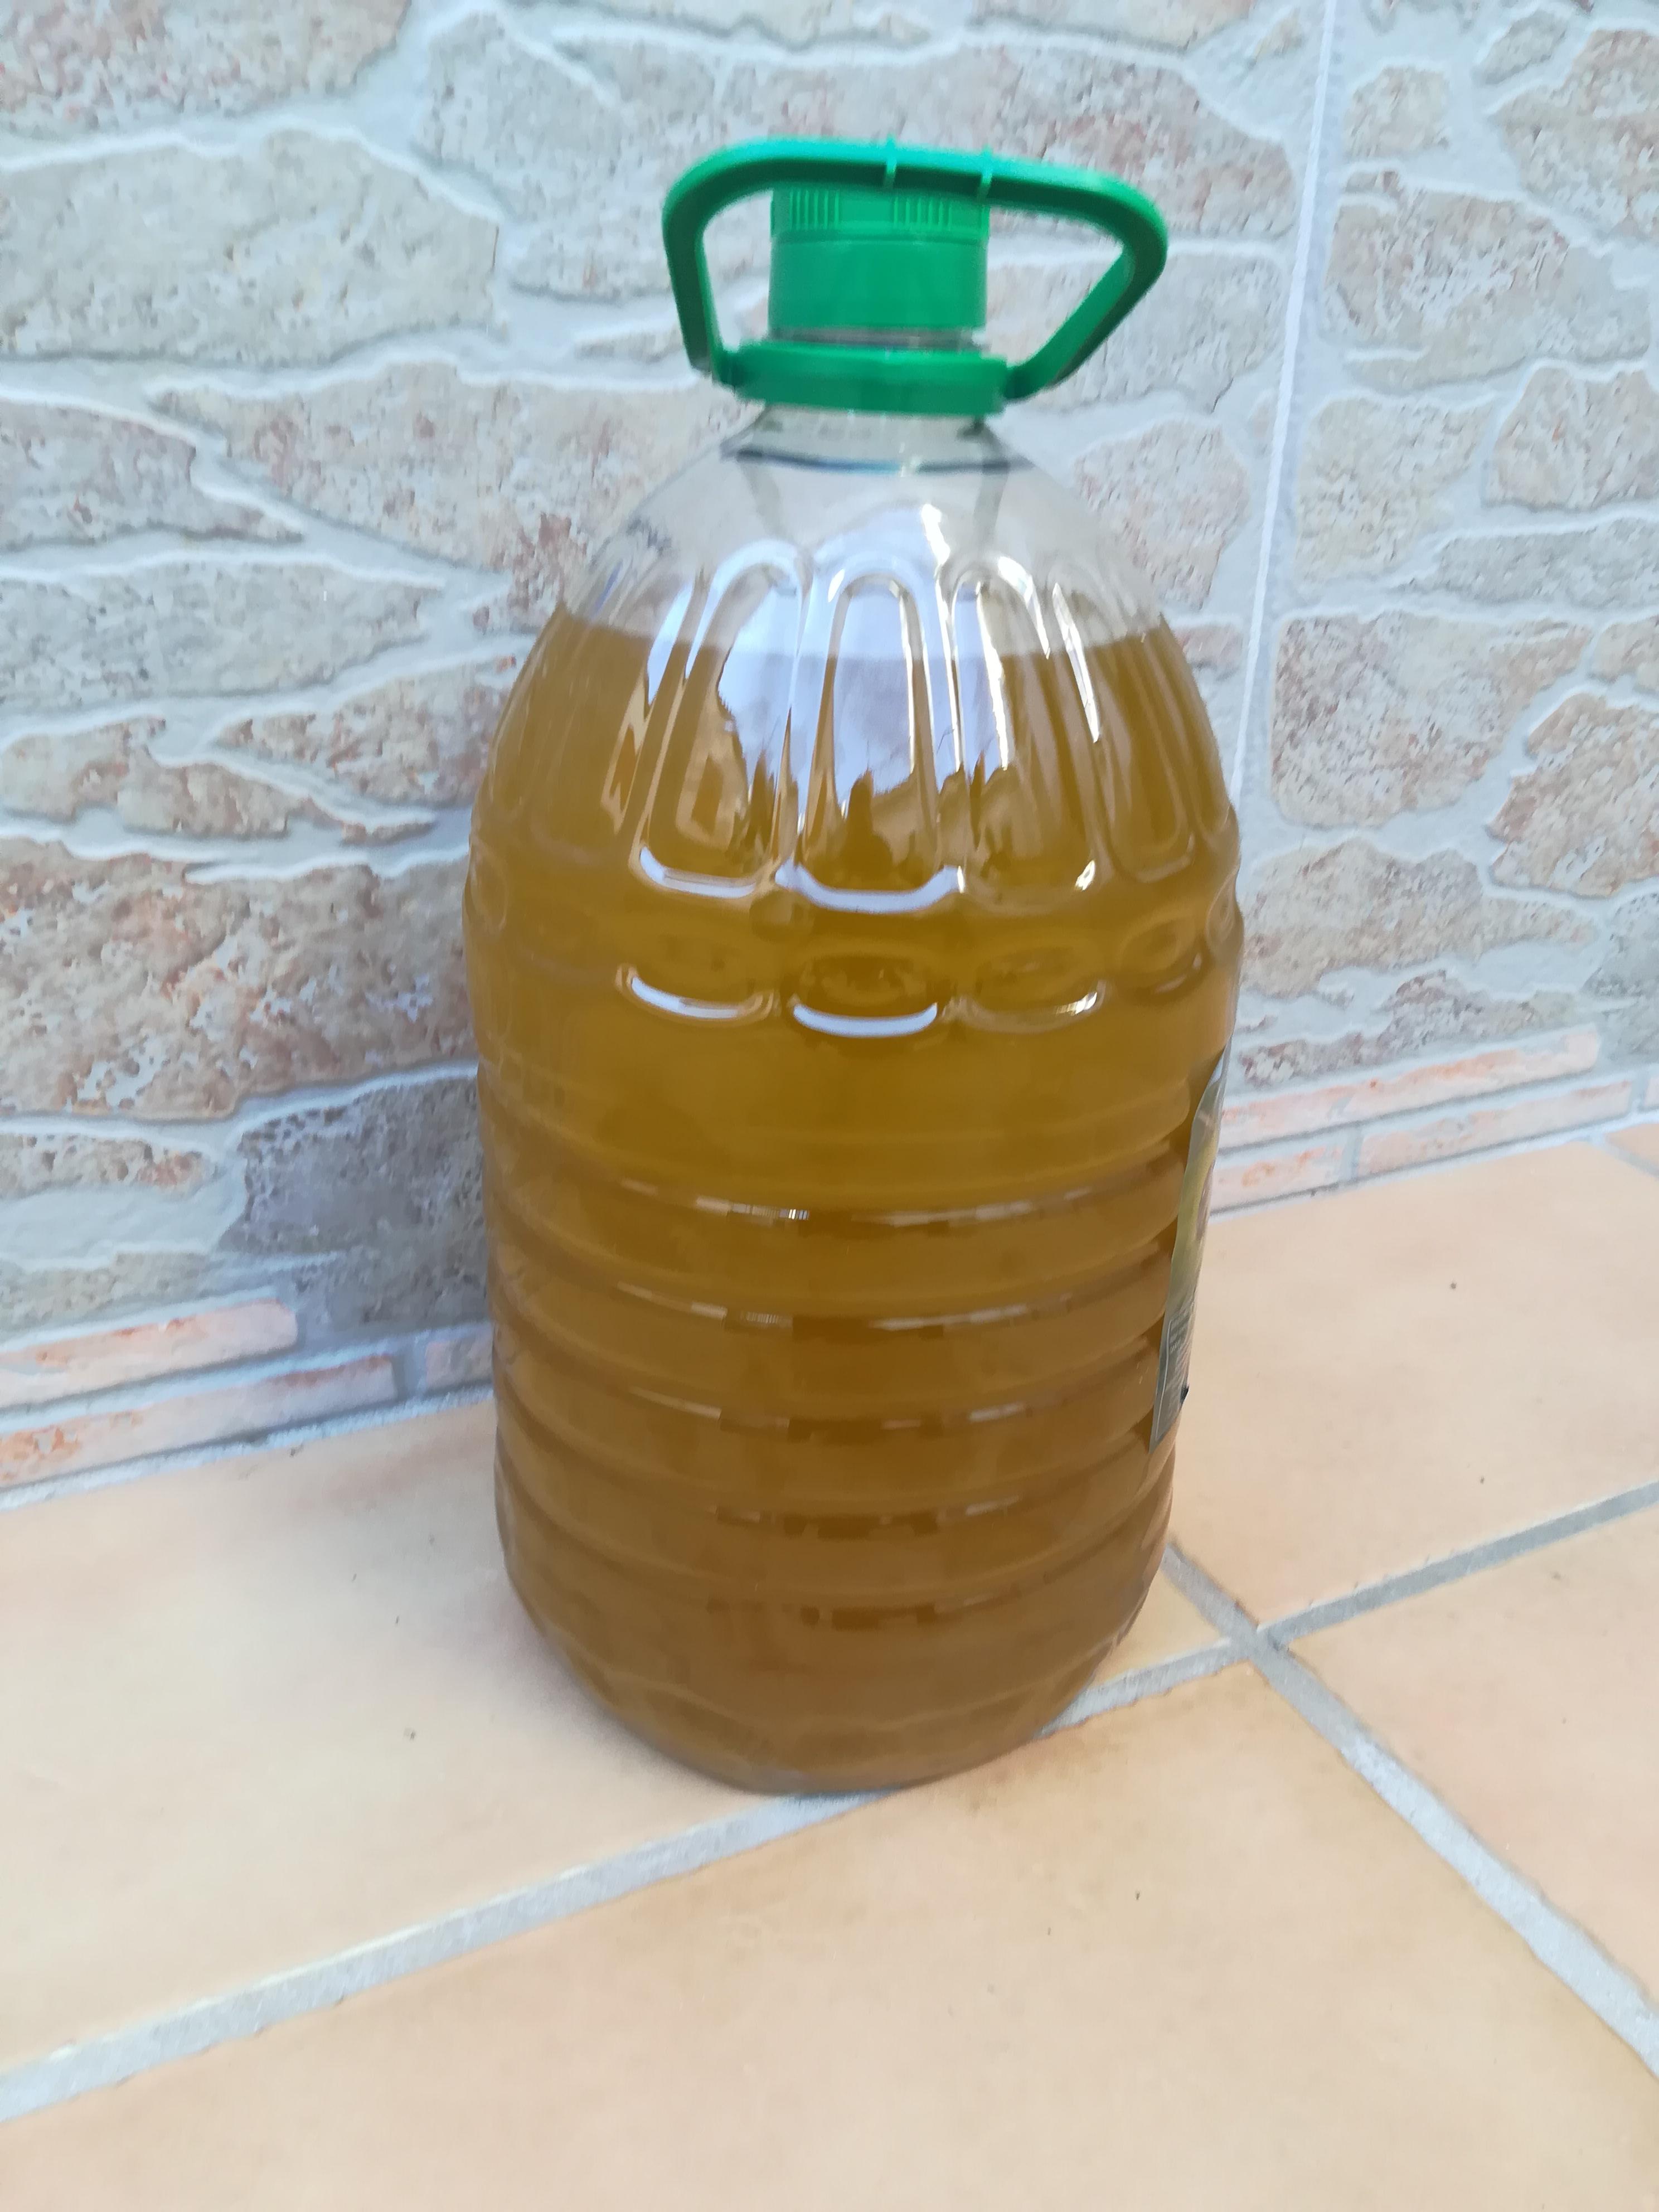 Aceite de oliva virgen 5 litros,ACEITE ARTESANAL.